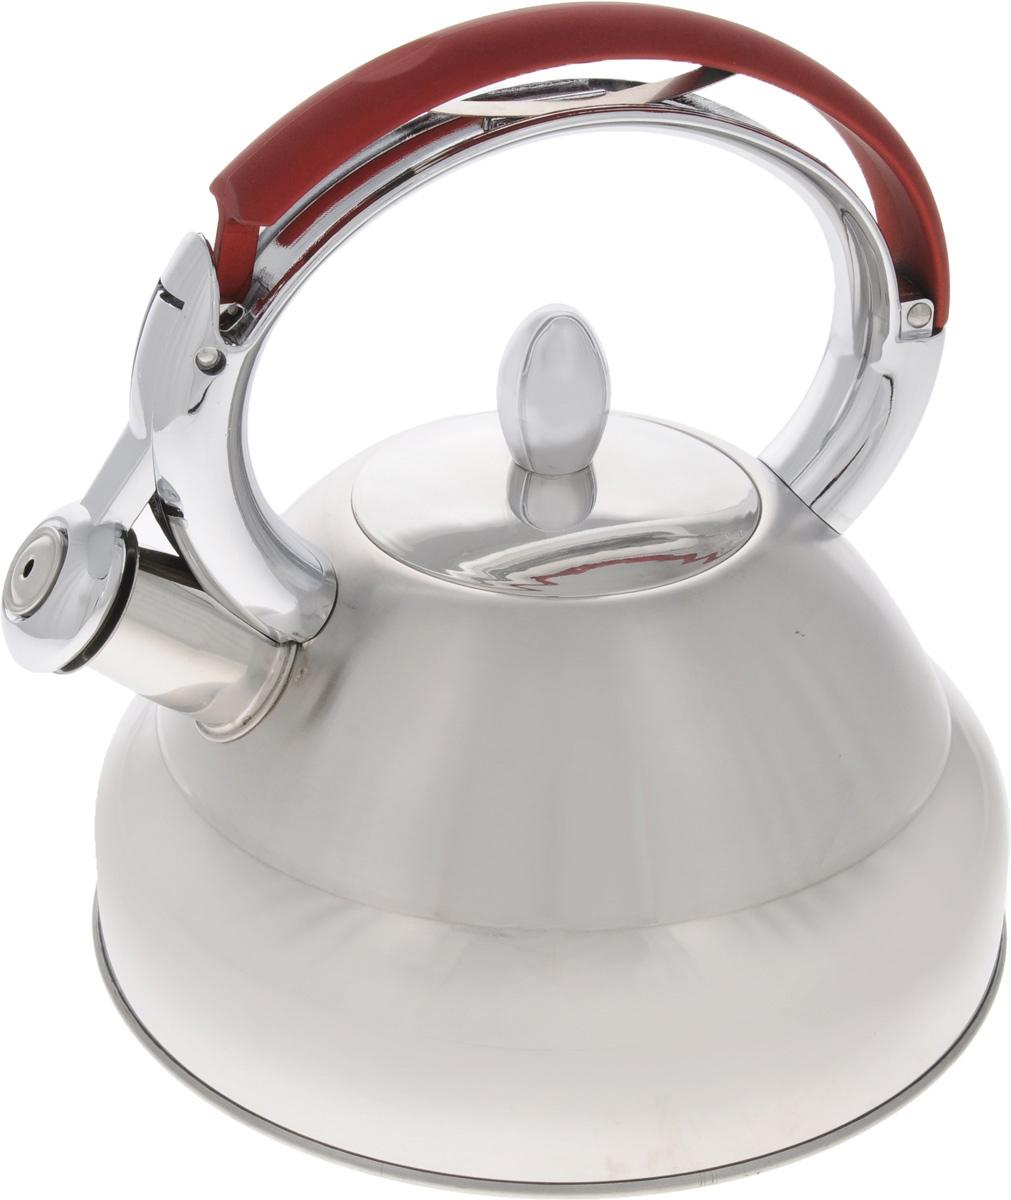 Чайник Mayer & Boch, со свистком, 3,2 л. 32913291Чайник Mayer & Boch выполнен из высококачественной нержавеющей стали, что делает его весьма гигиеничным и устойчивым к износу при длительном использовании. Чайник оснащен неподвижной металлической ручкой и откидным свистком, который громким сигналом подскажет, когда вода закипела. Подходит для газовых, электрических, стеклокерамических и индукционных плит. Можно мыть в посудомоечной машине. Диаметр (по верхнему краю): 9 см. Диаметр основания: 22 см. Диаметр индукционного диска: 17.5 см. Высота чайника (с учетом ручки и крышки): 23 см.